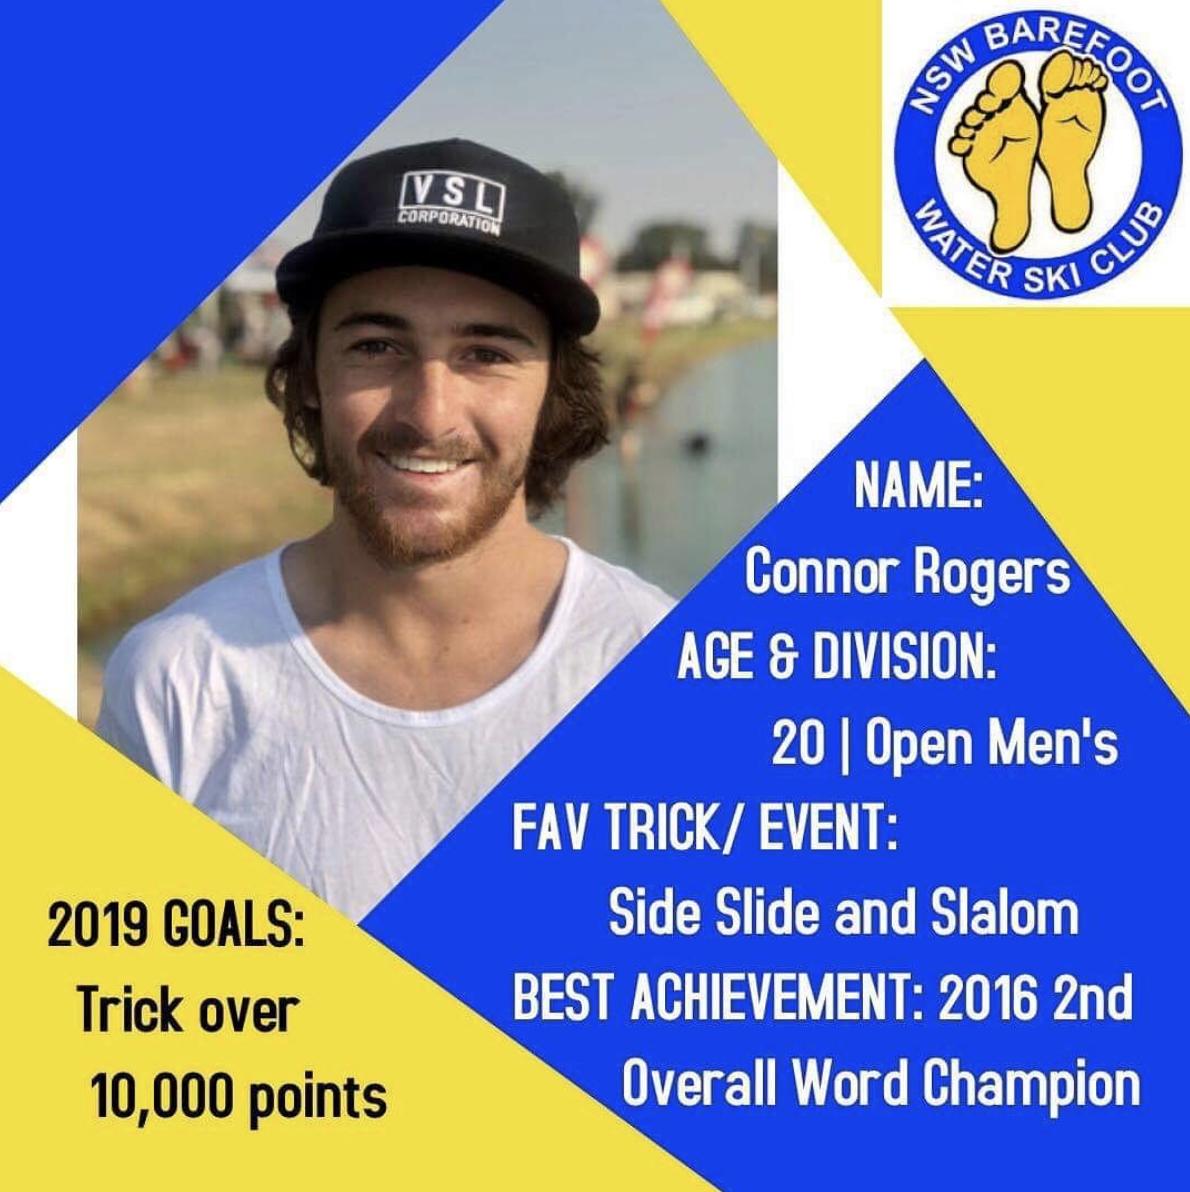 Connor Rogers   20 | Open Men's